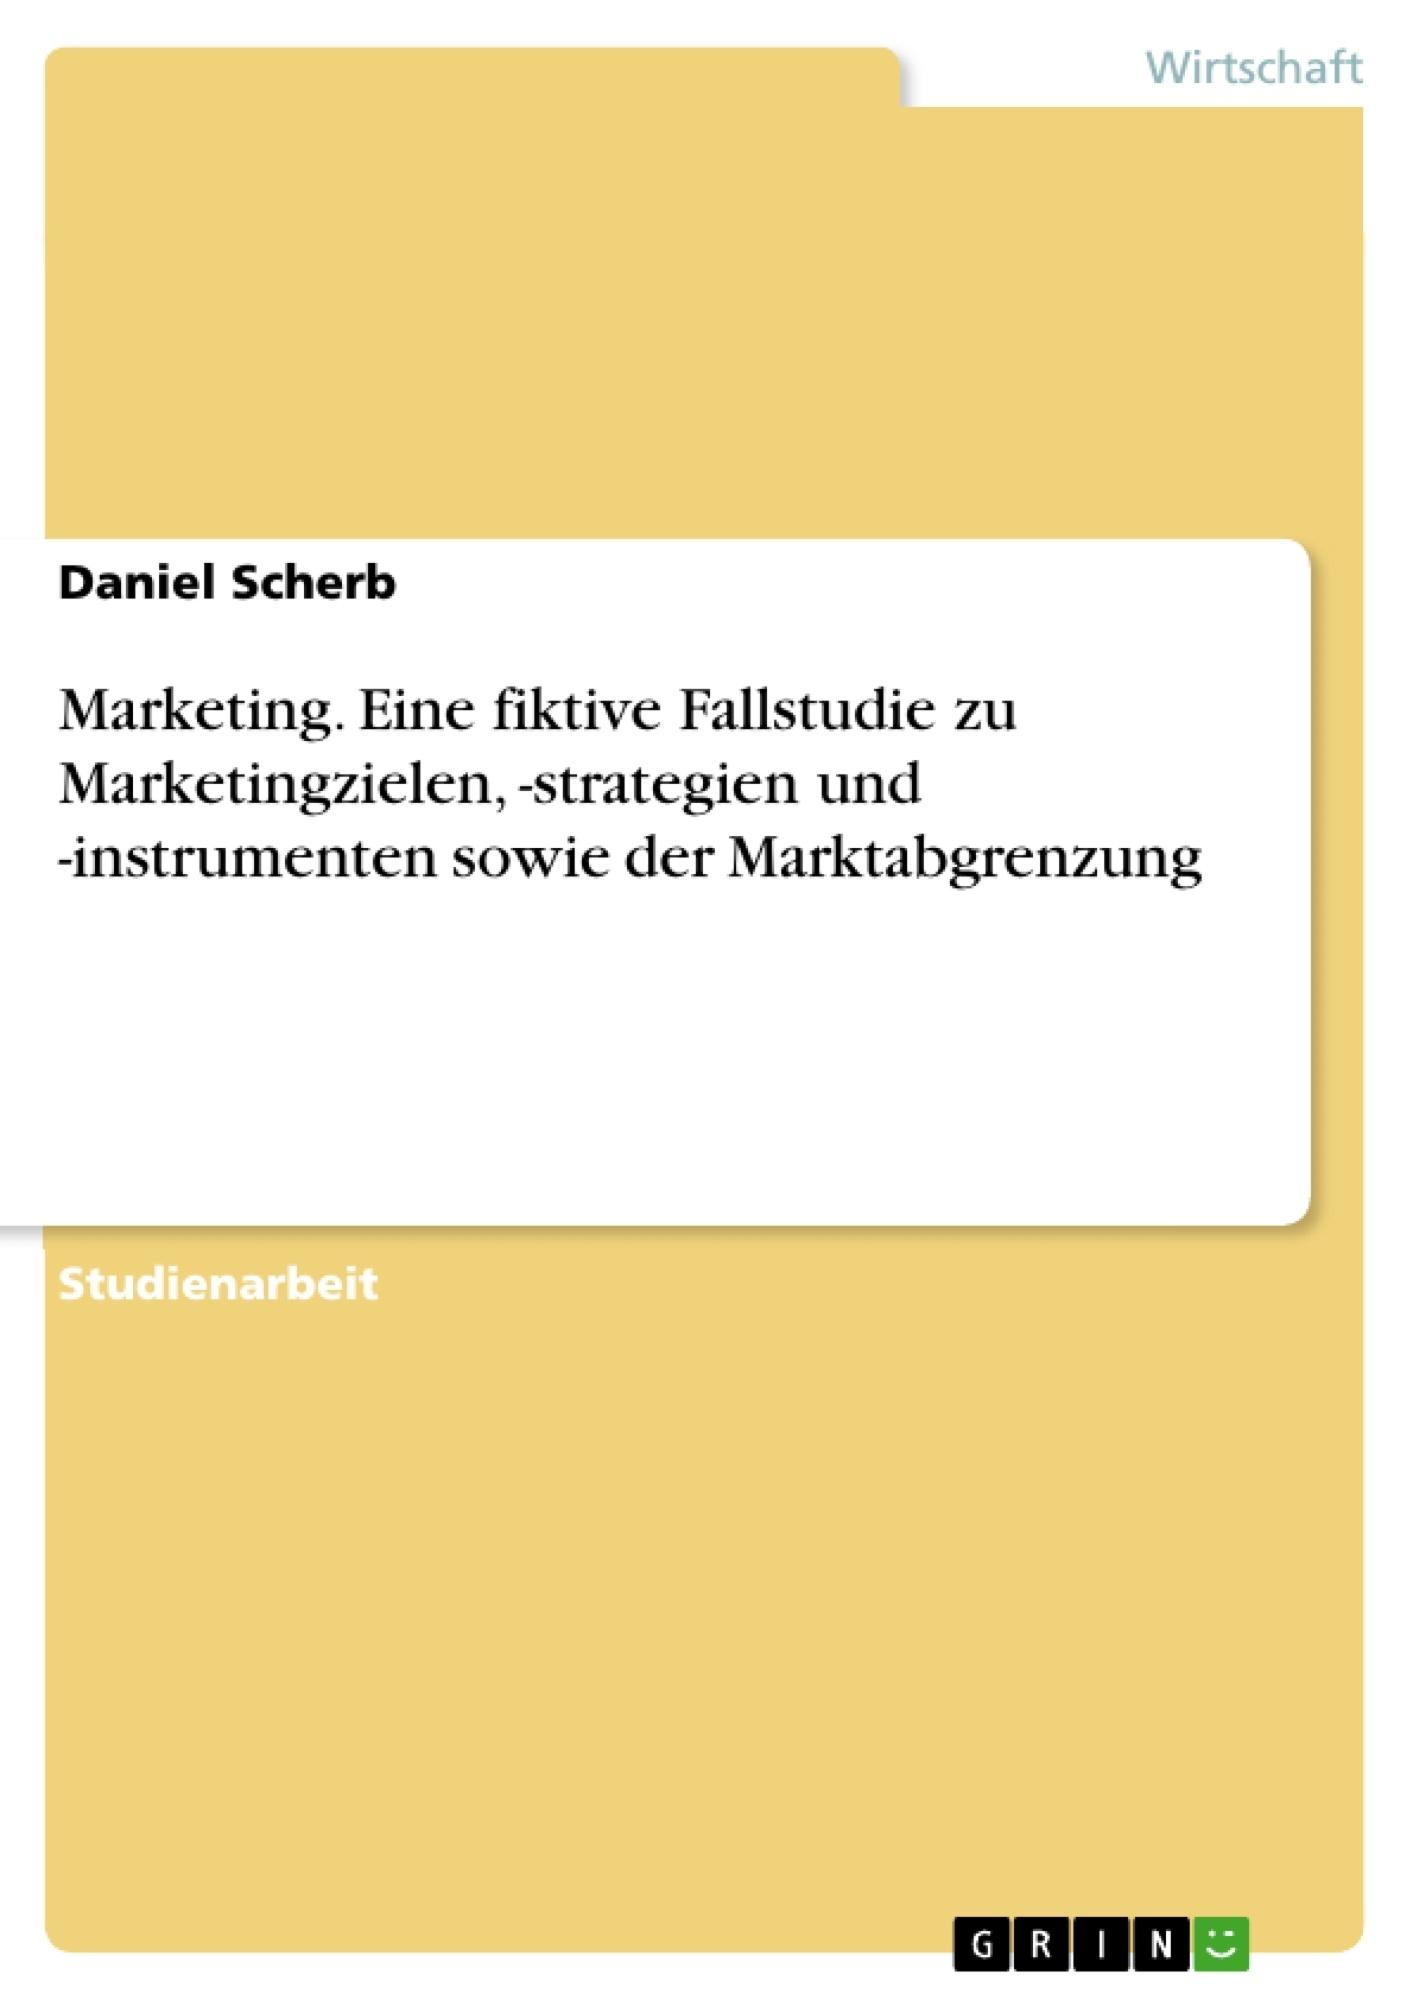 Titel: Marketing. Eine fiktive Fallstudie zu Marketingzielen, -strategien und -instrumenten sowie der Marktabgrenzung